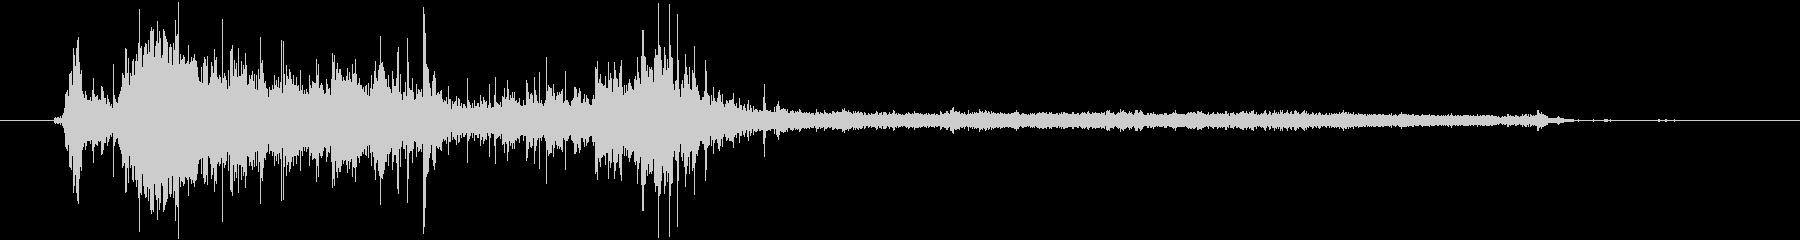 流す音(トイレ)1の未再生の波形